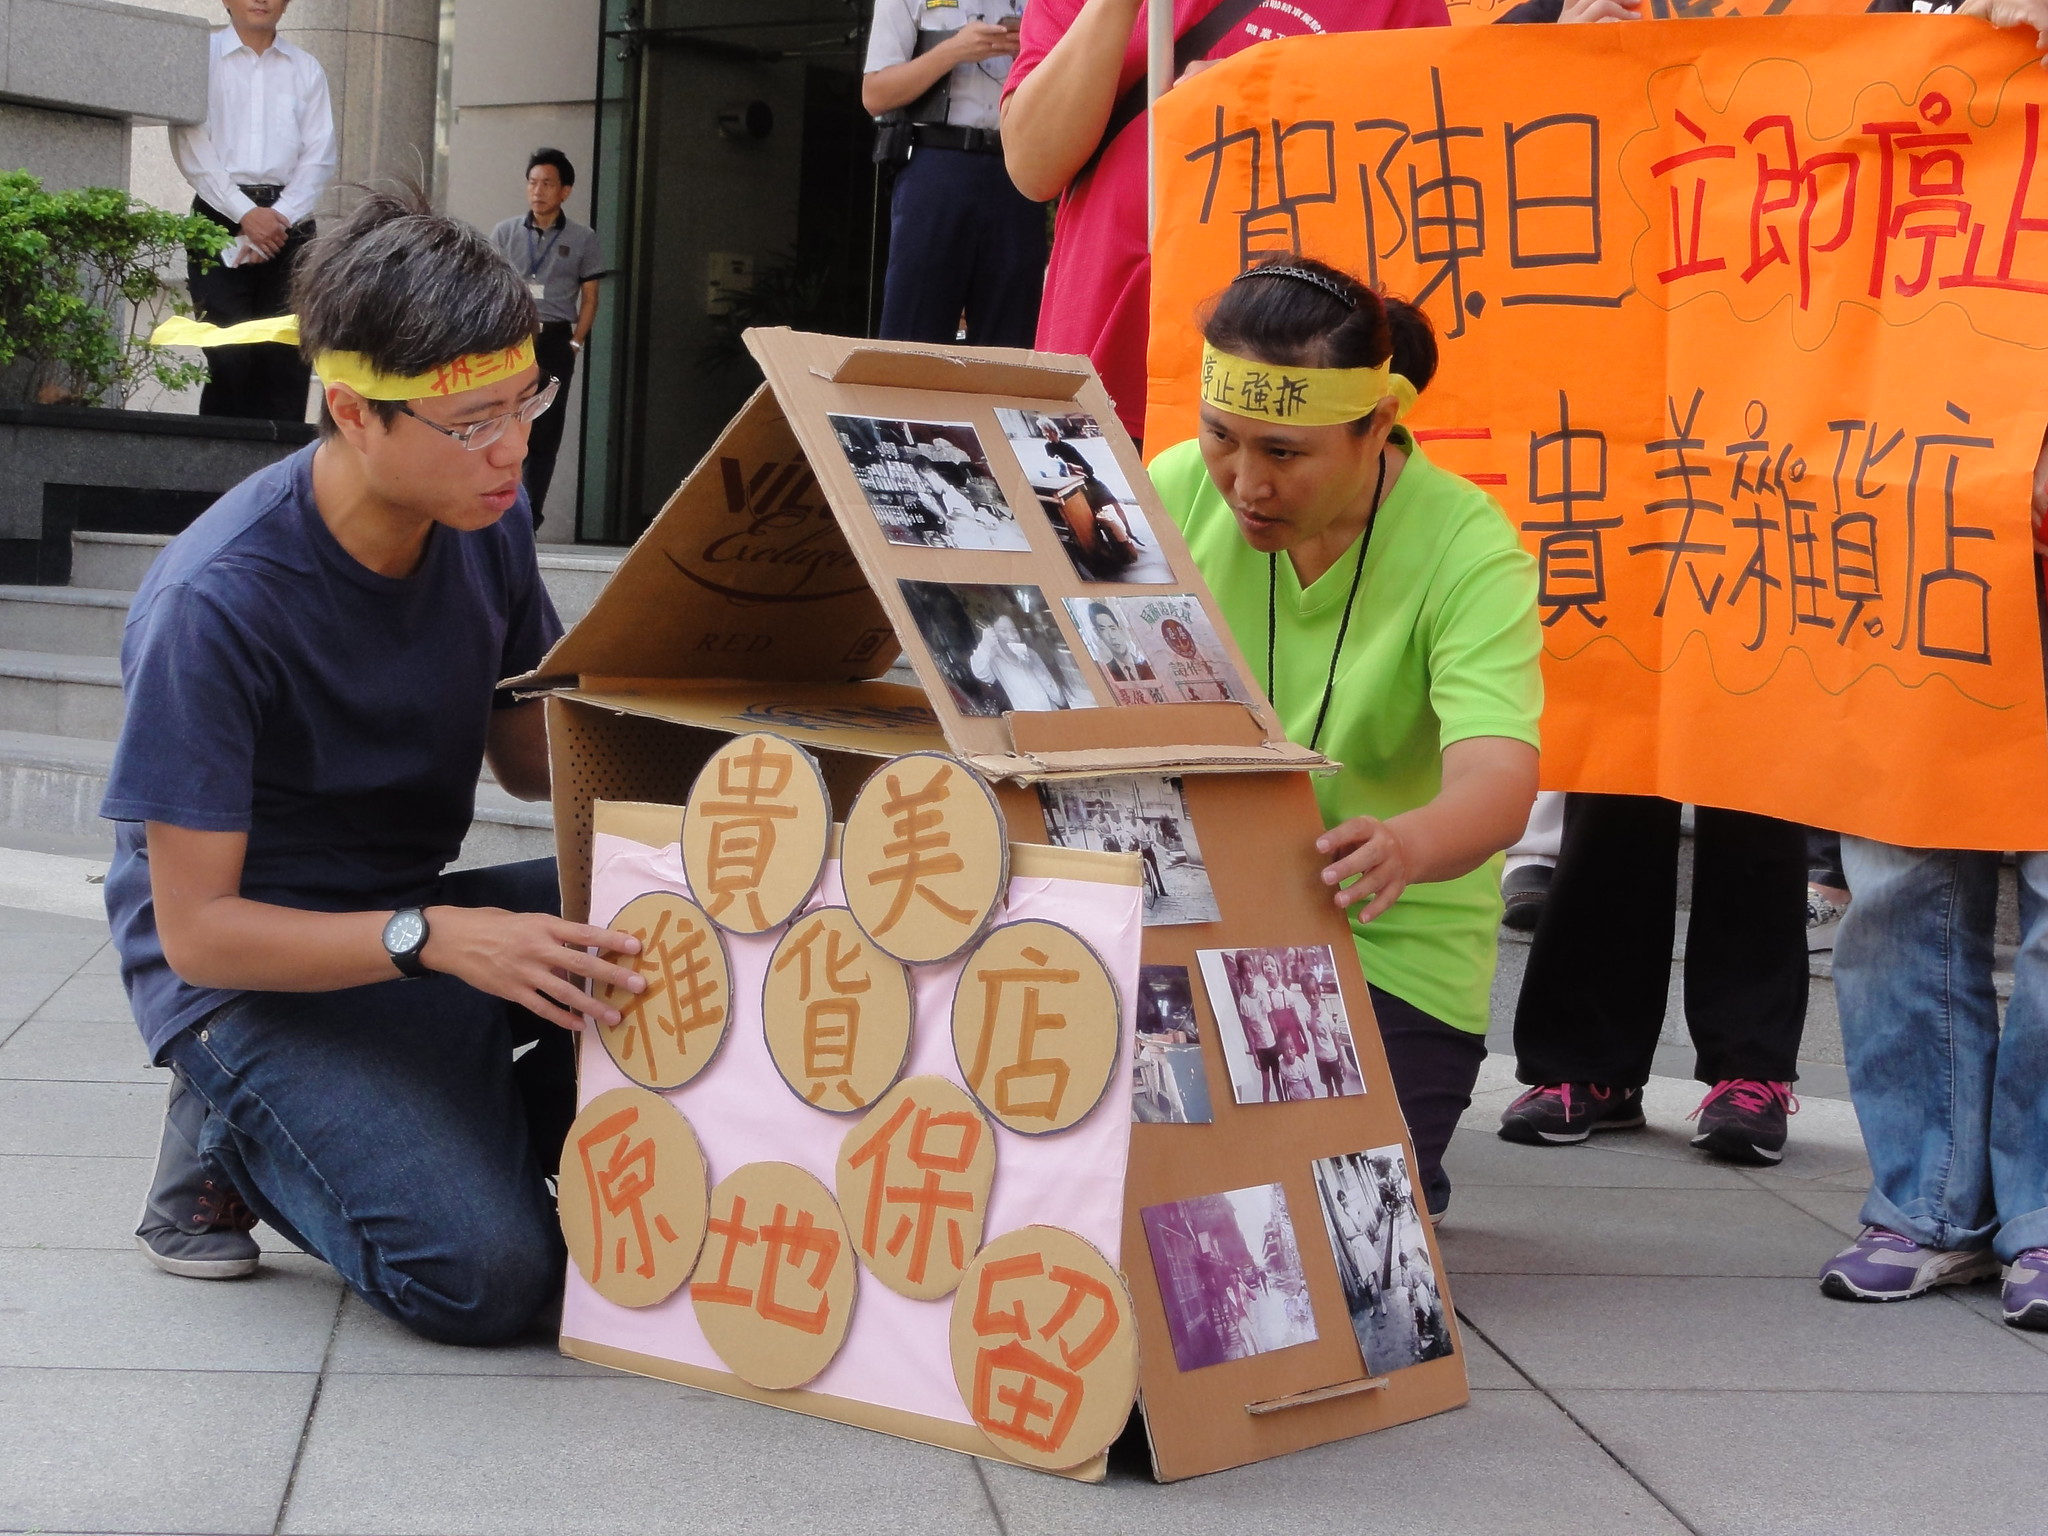 抗議現場擺出仿「貴美雜貨店」的道具,貼有店主一家人許多生活照片。(攝影:張智琦)